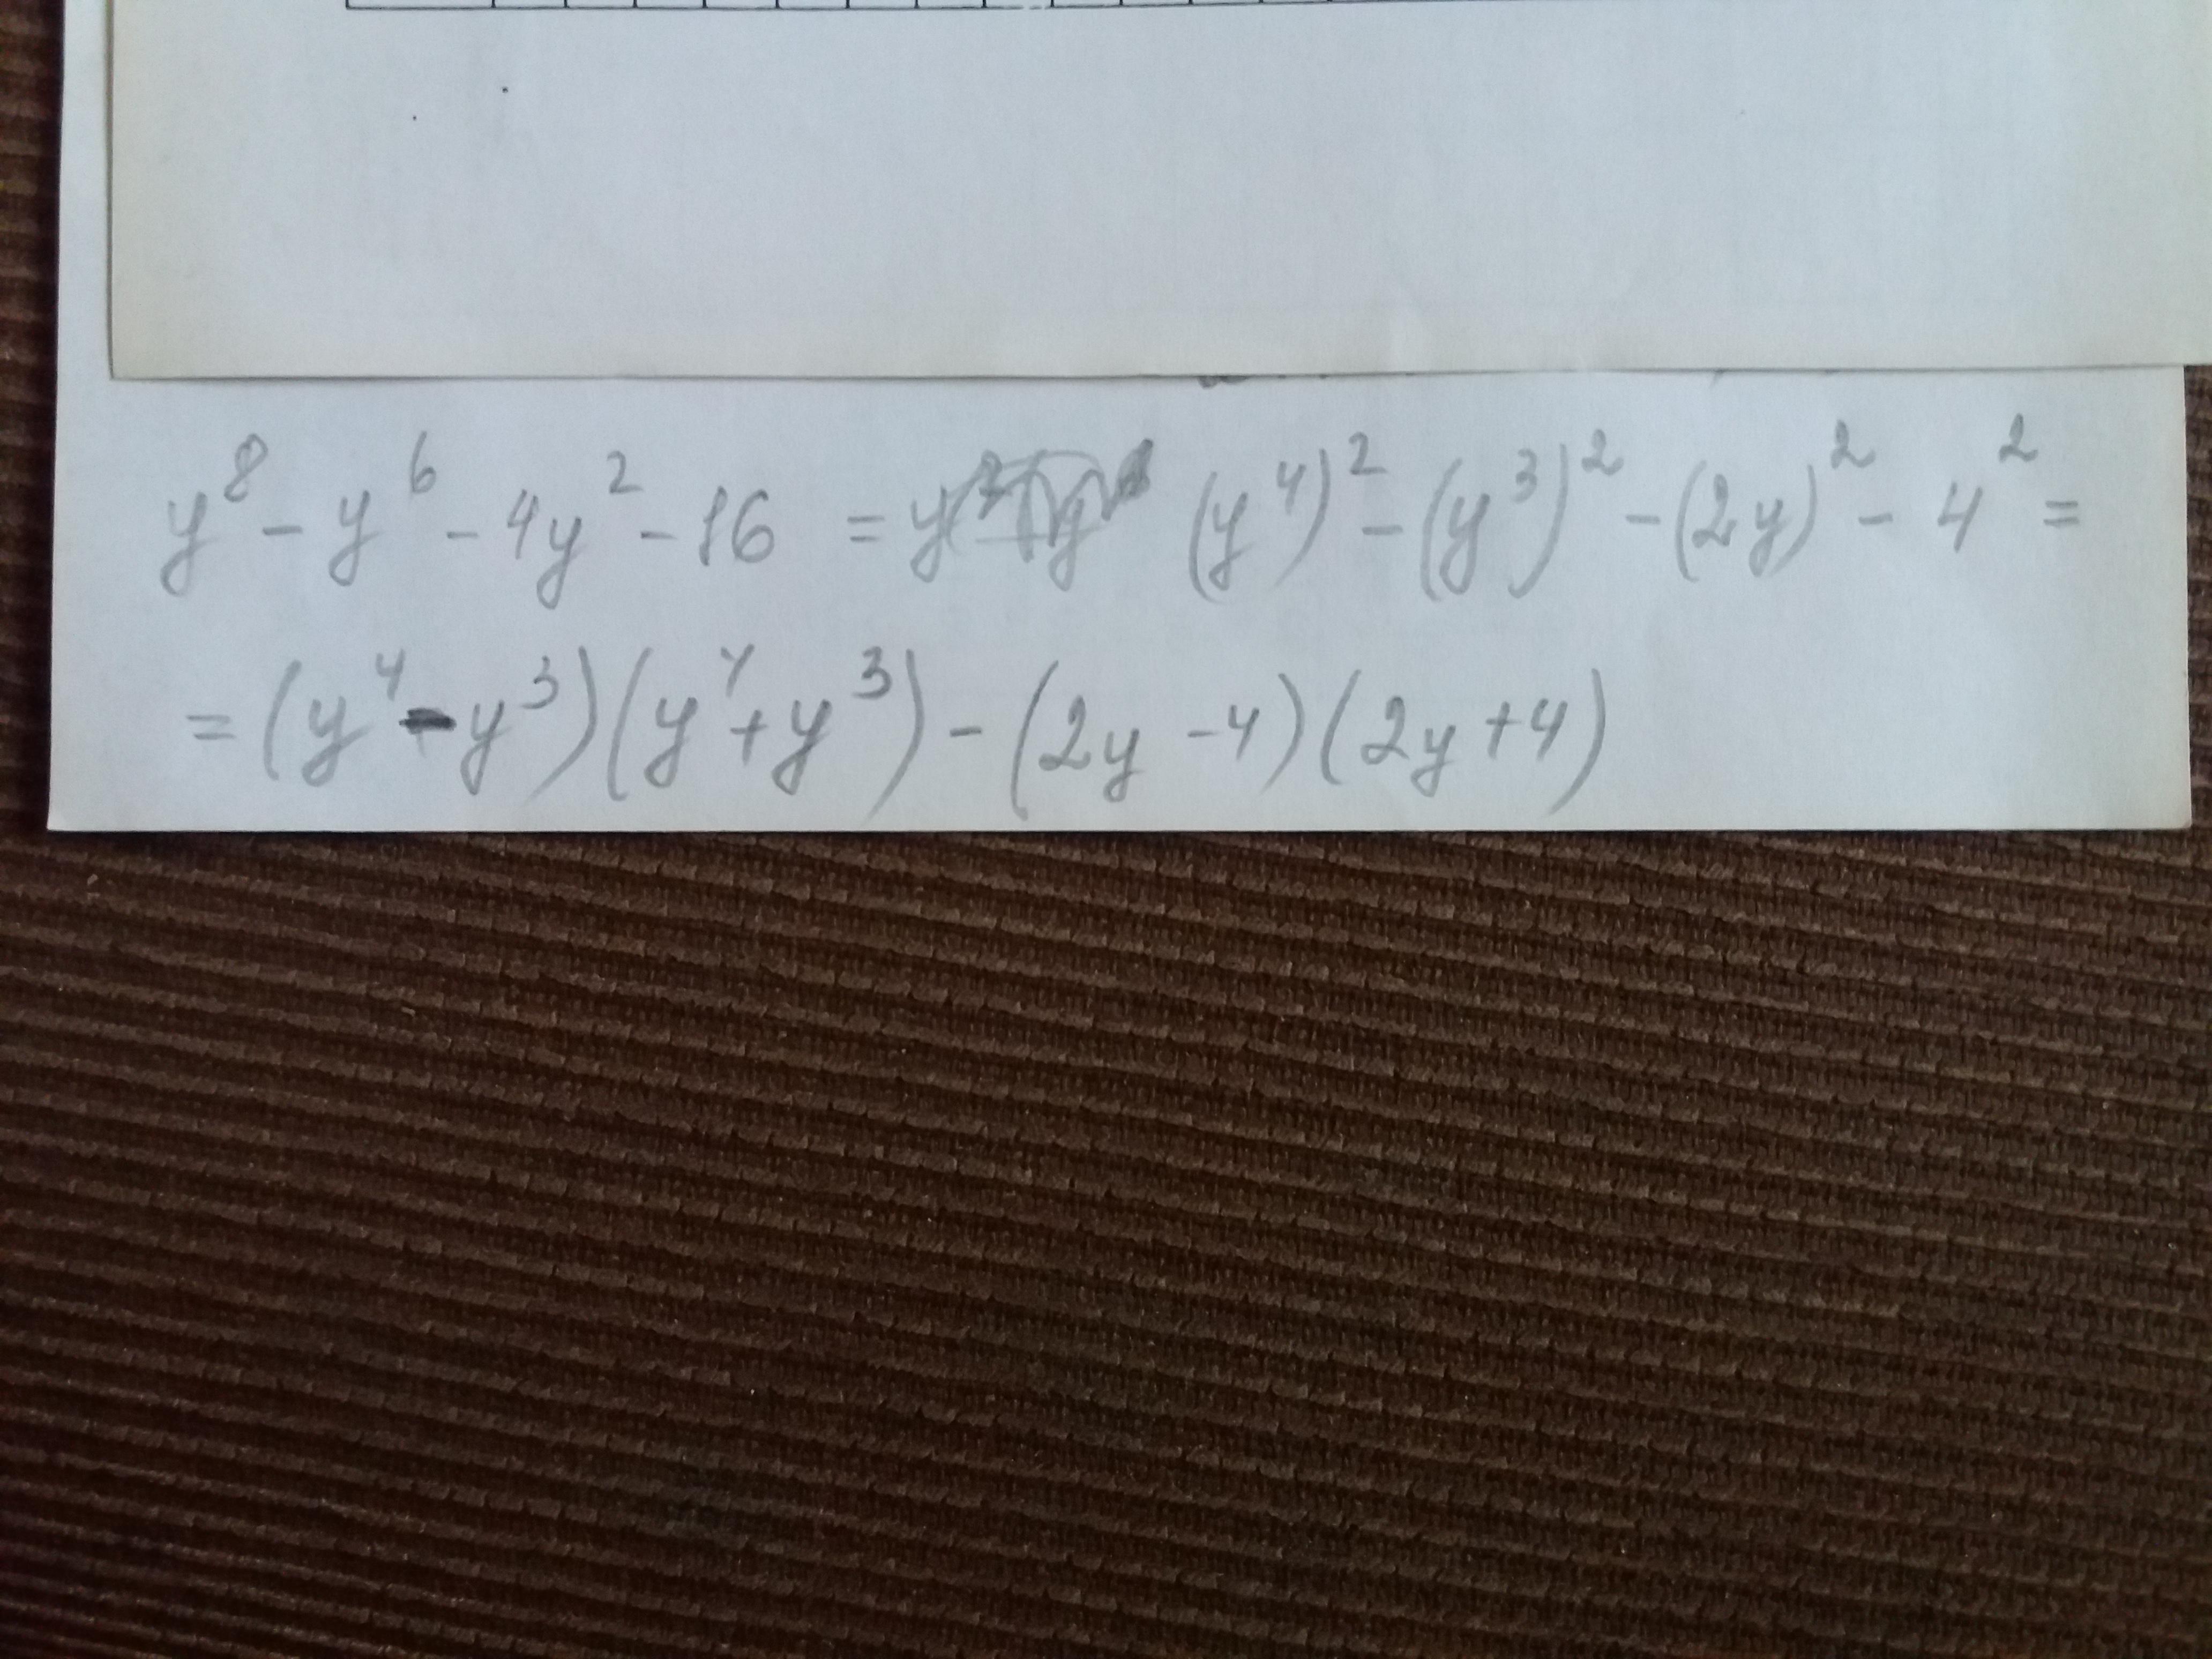 Y^8-y^6-4y^2-16 разложить на множители